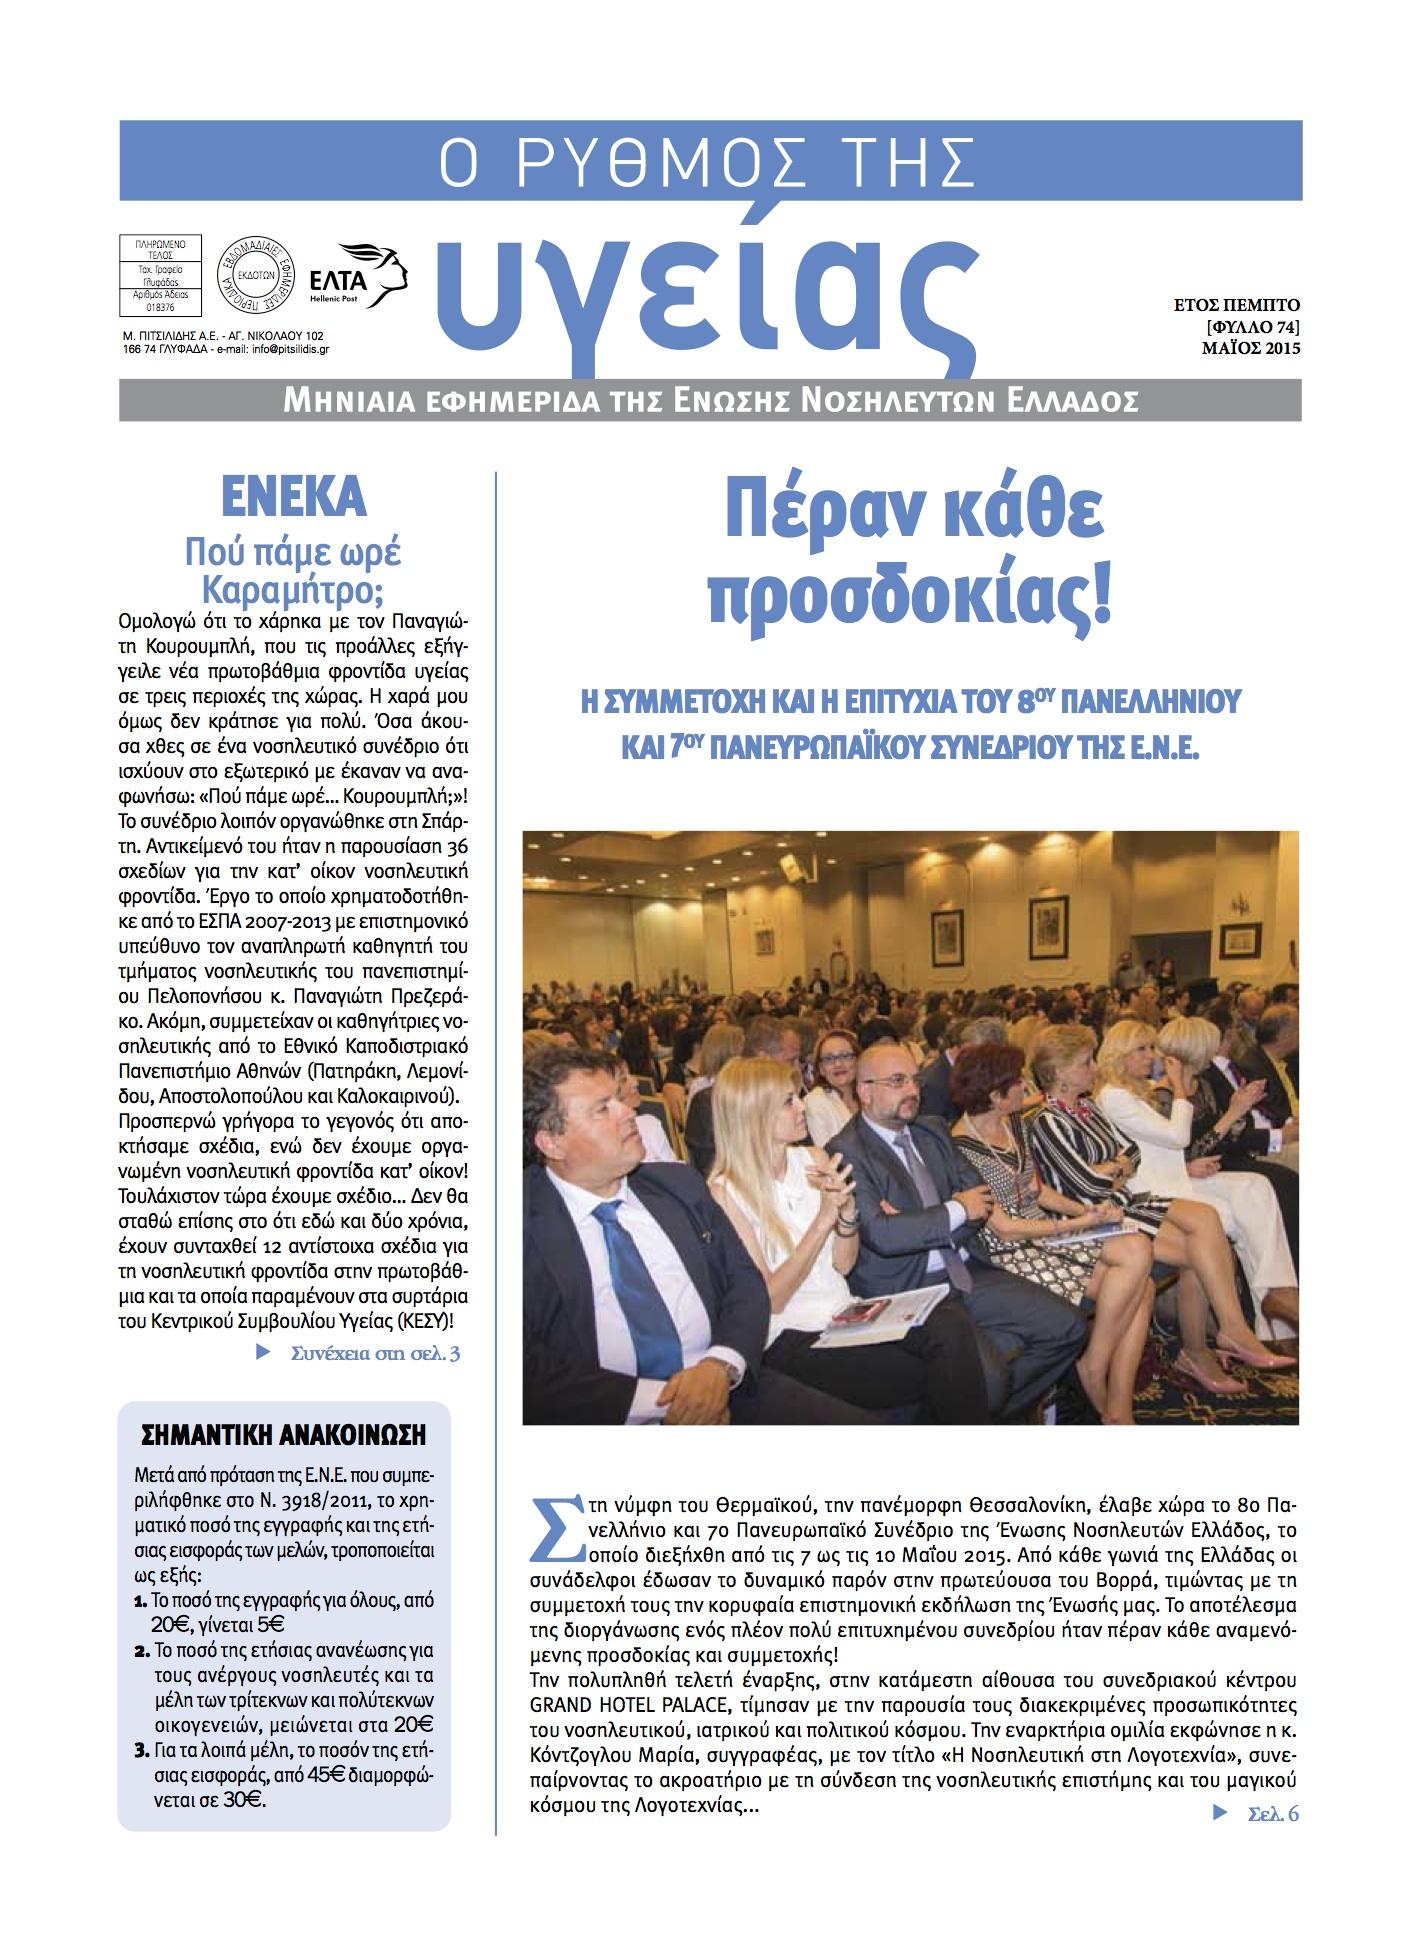 """Το τεύχος Μαΐου 2015 της εφημερίδας της ΕΝΕ """"Ο ΡΥΘΜΟΣ ΤΗΣ ΥΓΕΙΑΣ"""""""